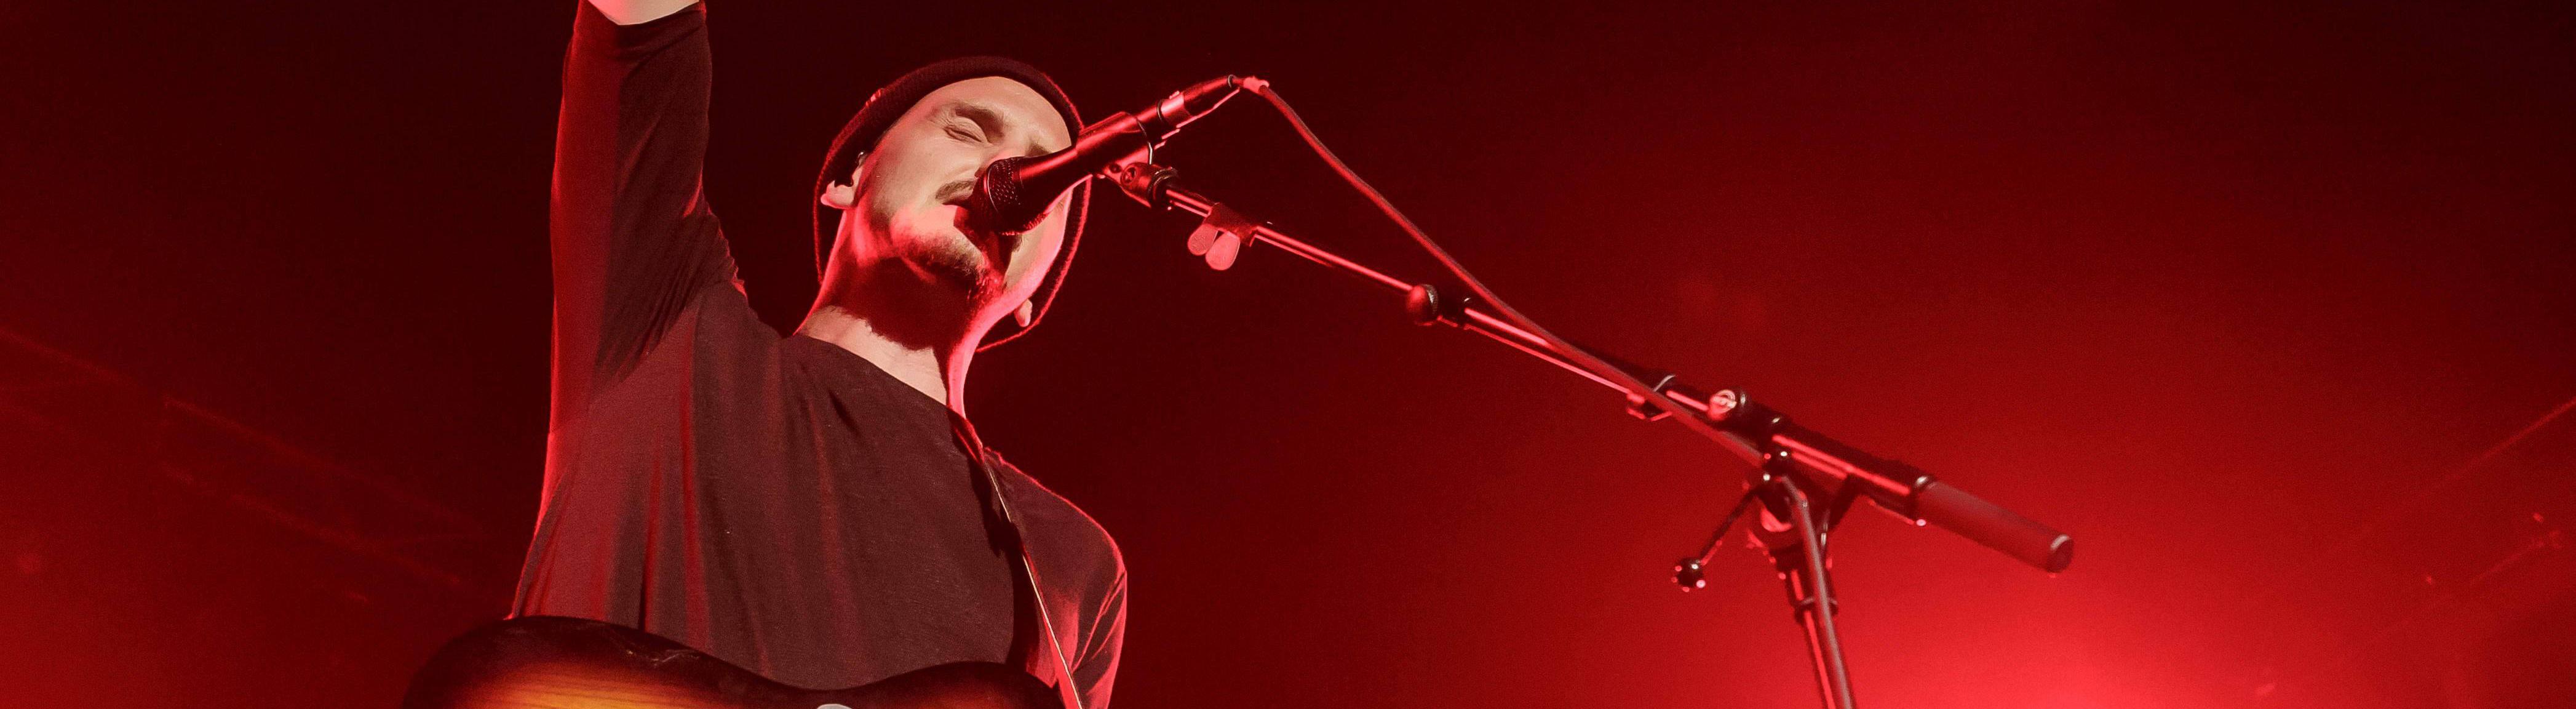 Der Sänger und Musiker Maxim - bürgerlich Maxim Richarz - steht am 23. September 2016 im Rahmen des Reeperbahn Festivals in Hamburg auf der Bühne.